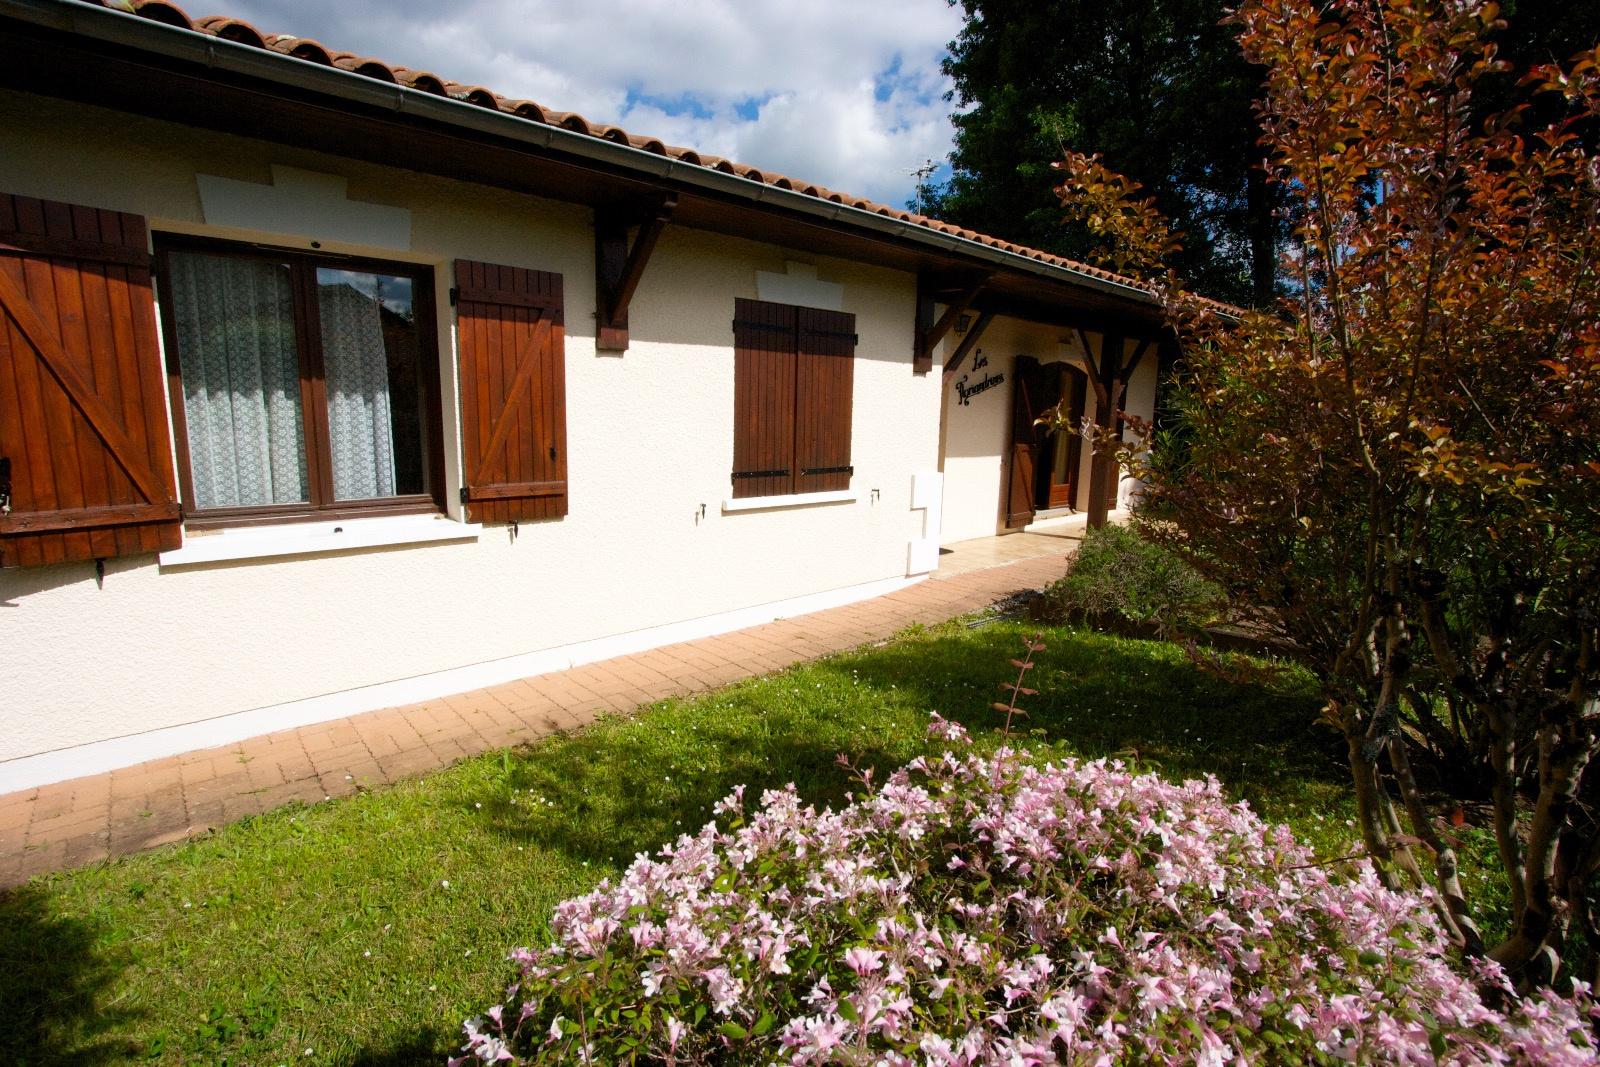 Vente maison bordeaux rive droite avec latresne immobilier for Acheter maison bordeaux